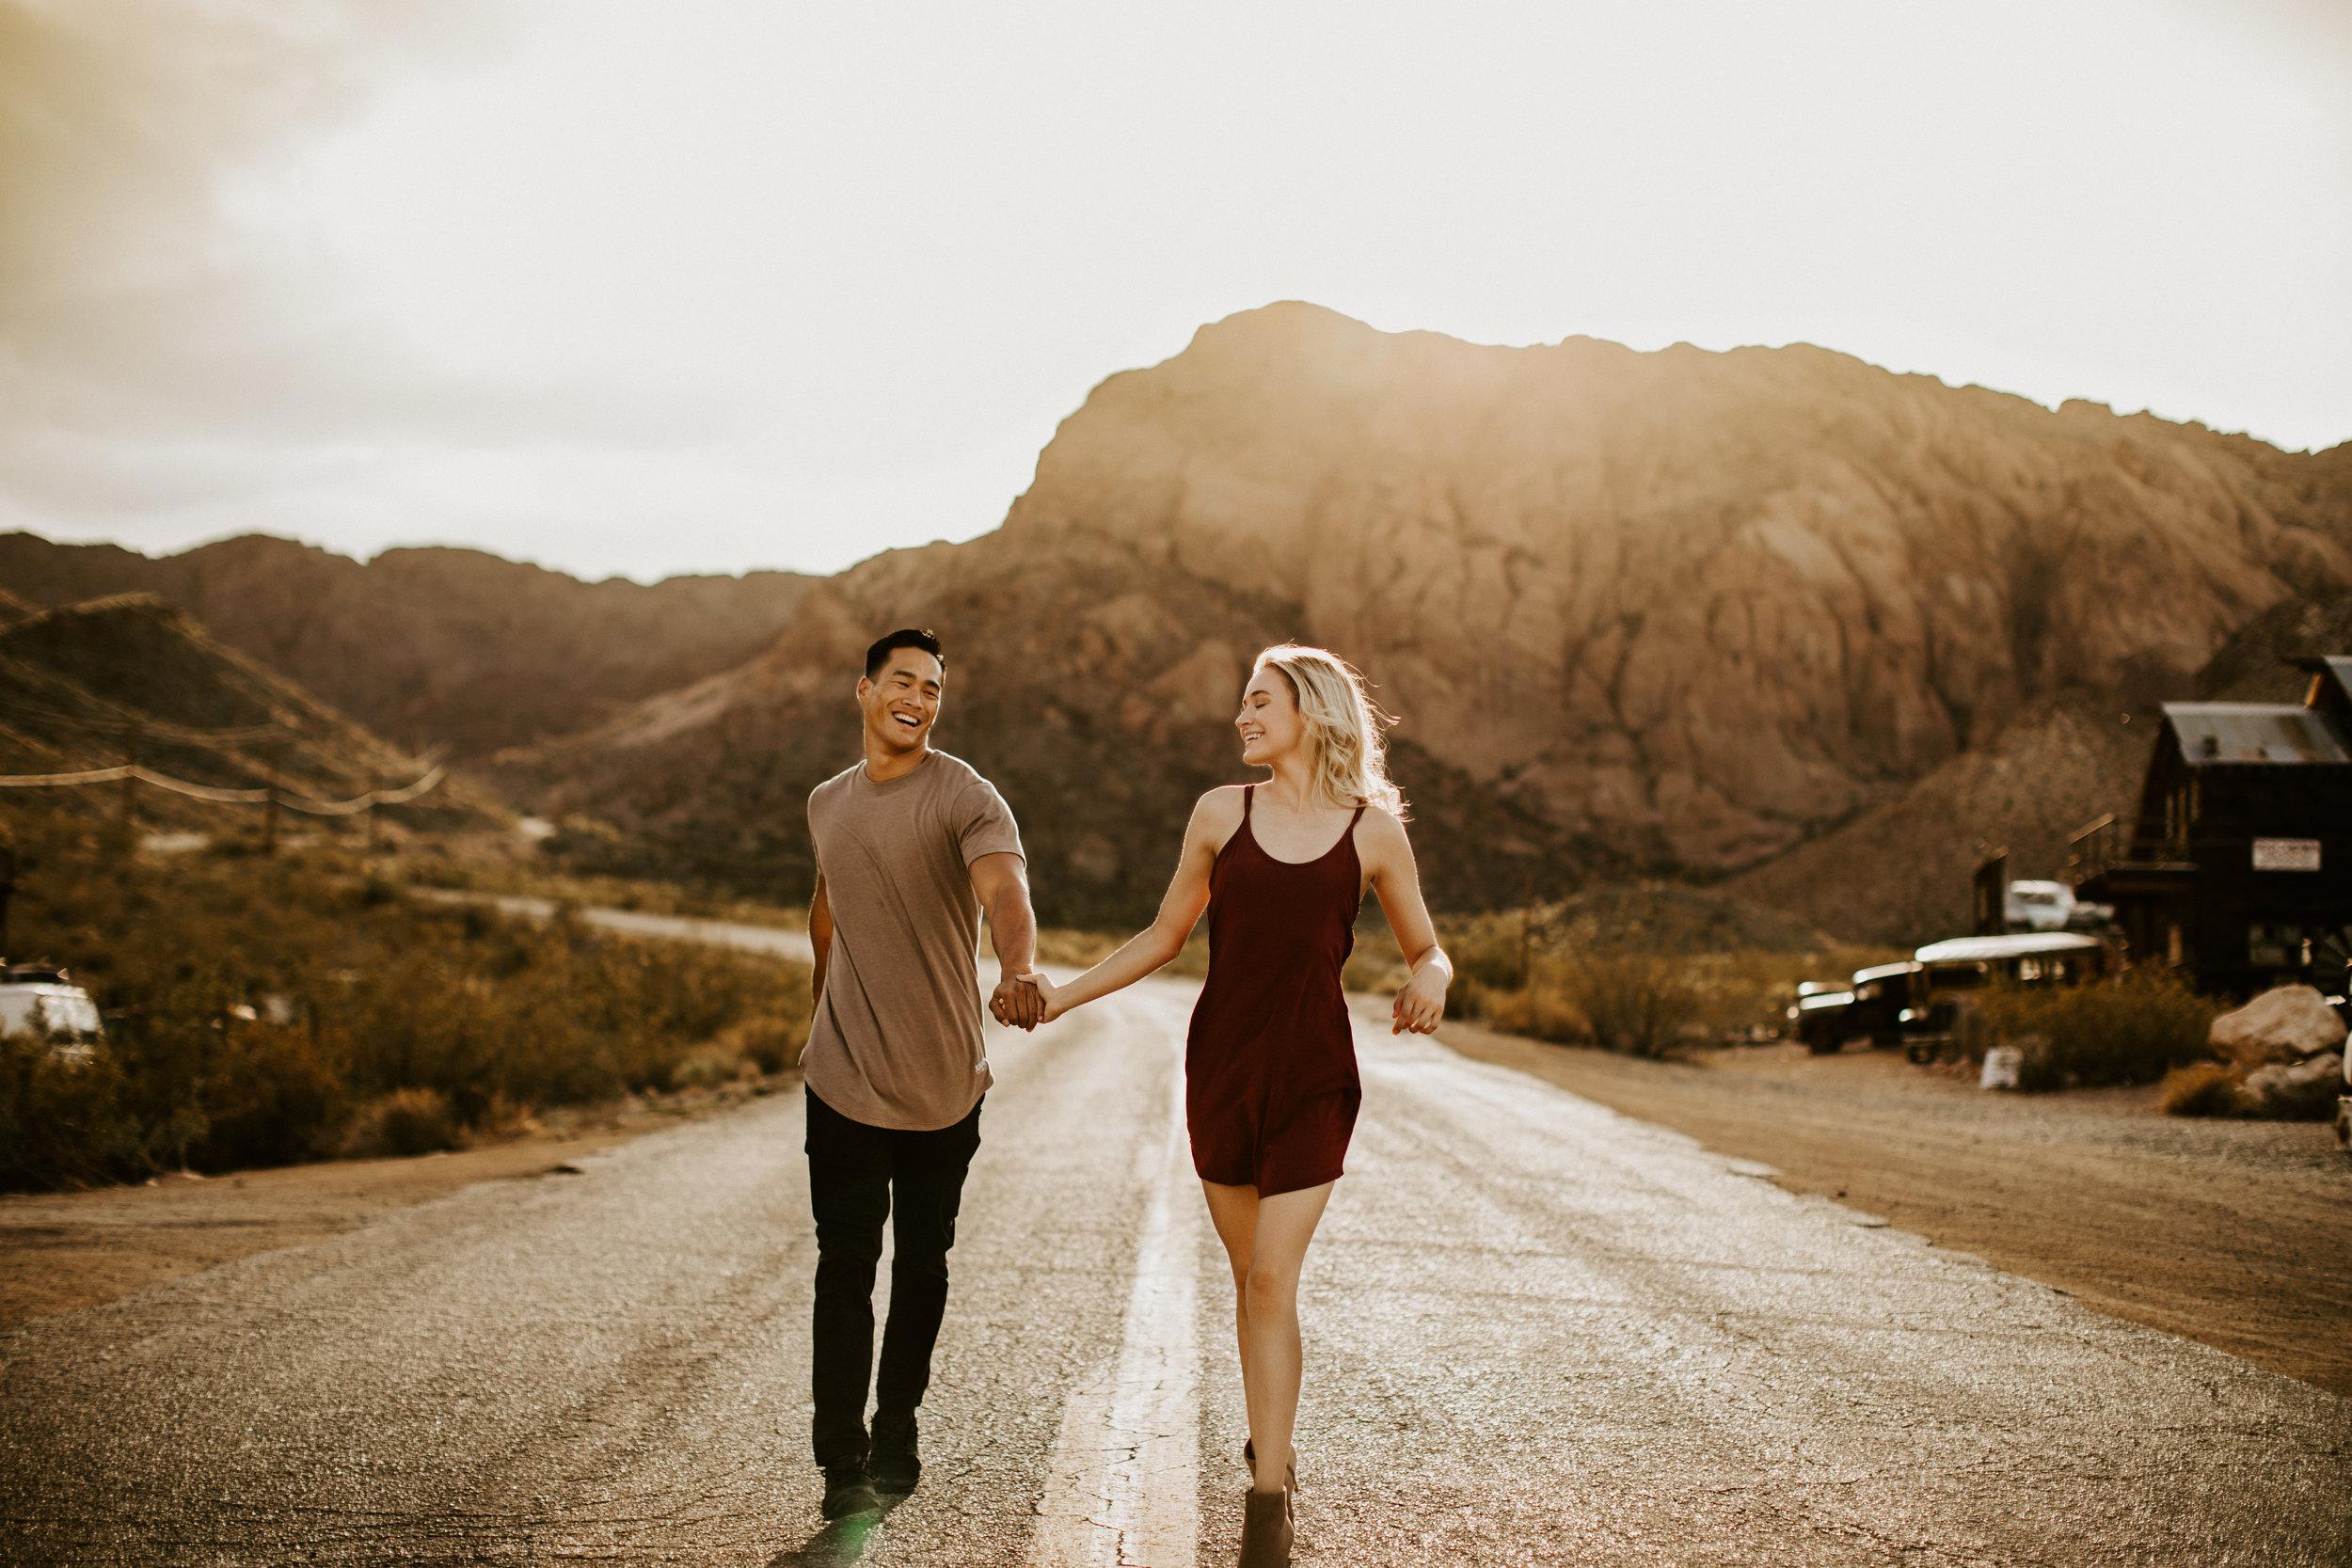 - El Dorado Canyon, Nevada